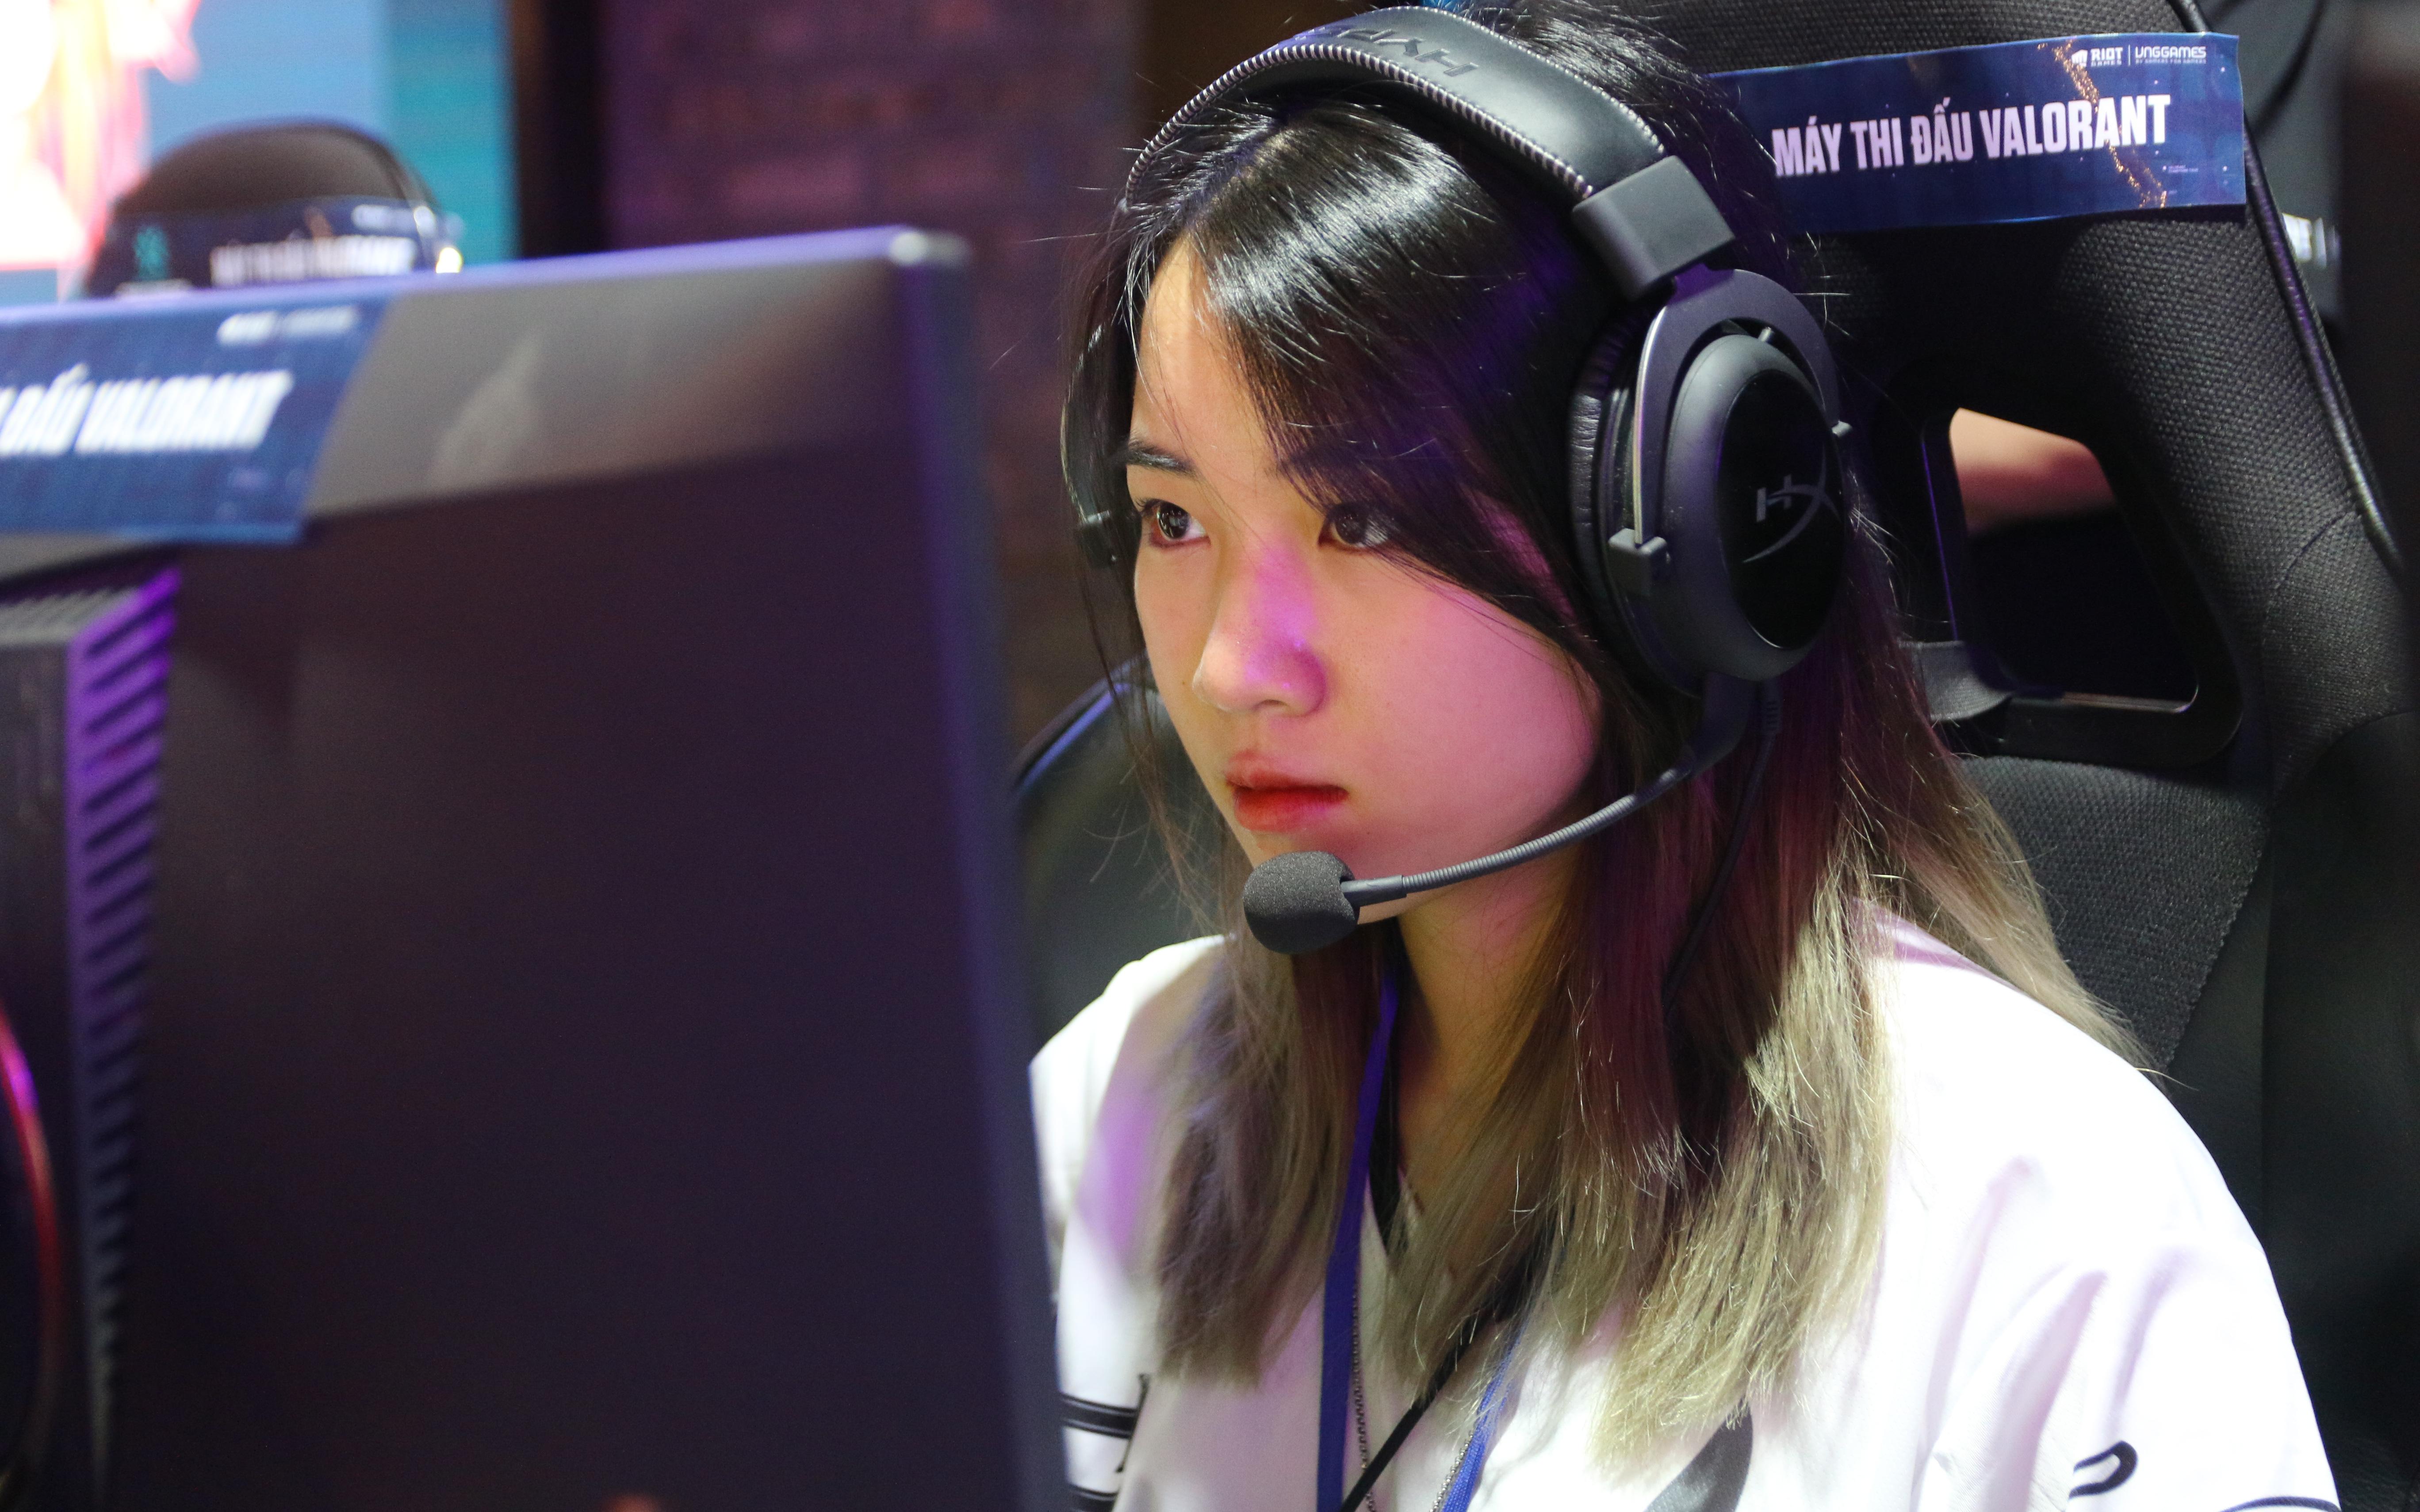 5 cô gái duy nhất tại giải VALORANT thất bại trong trận mở màn vòng chung kết VCT Stage 2 Challenger Việt Nam